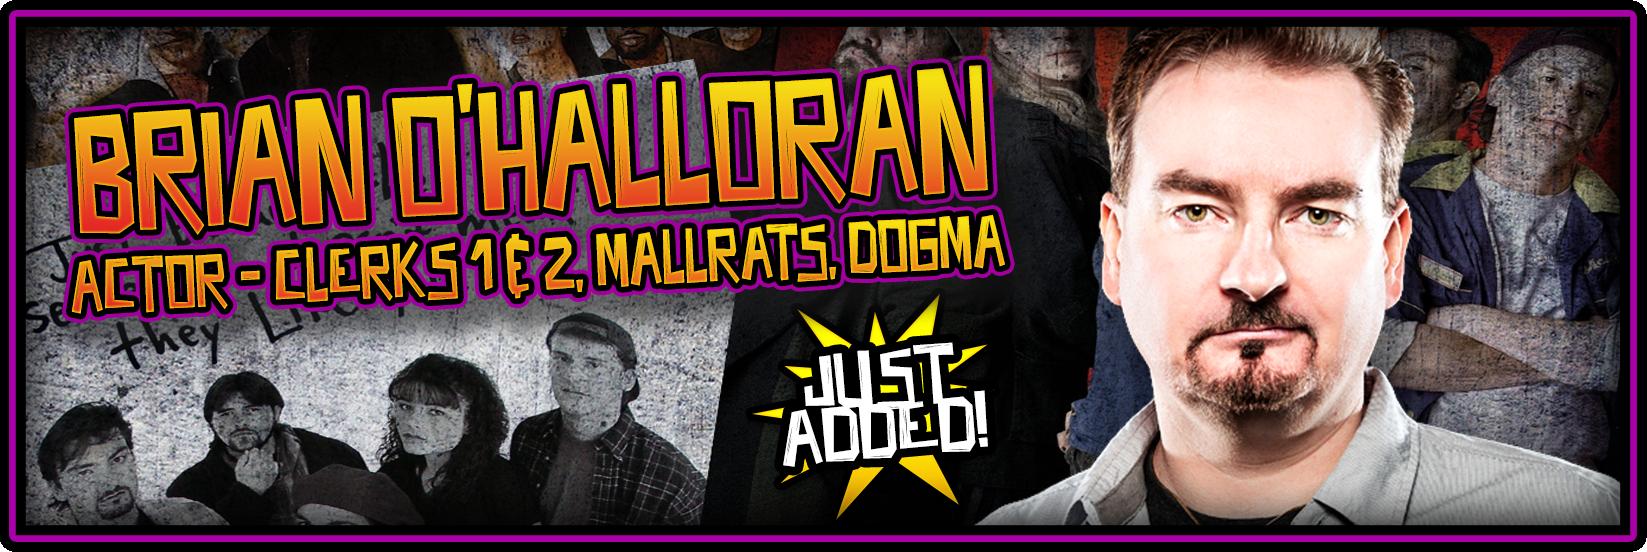 Brian-O-Halloran Banner.png